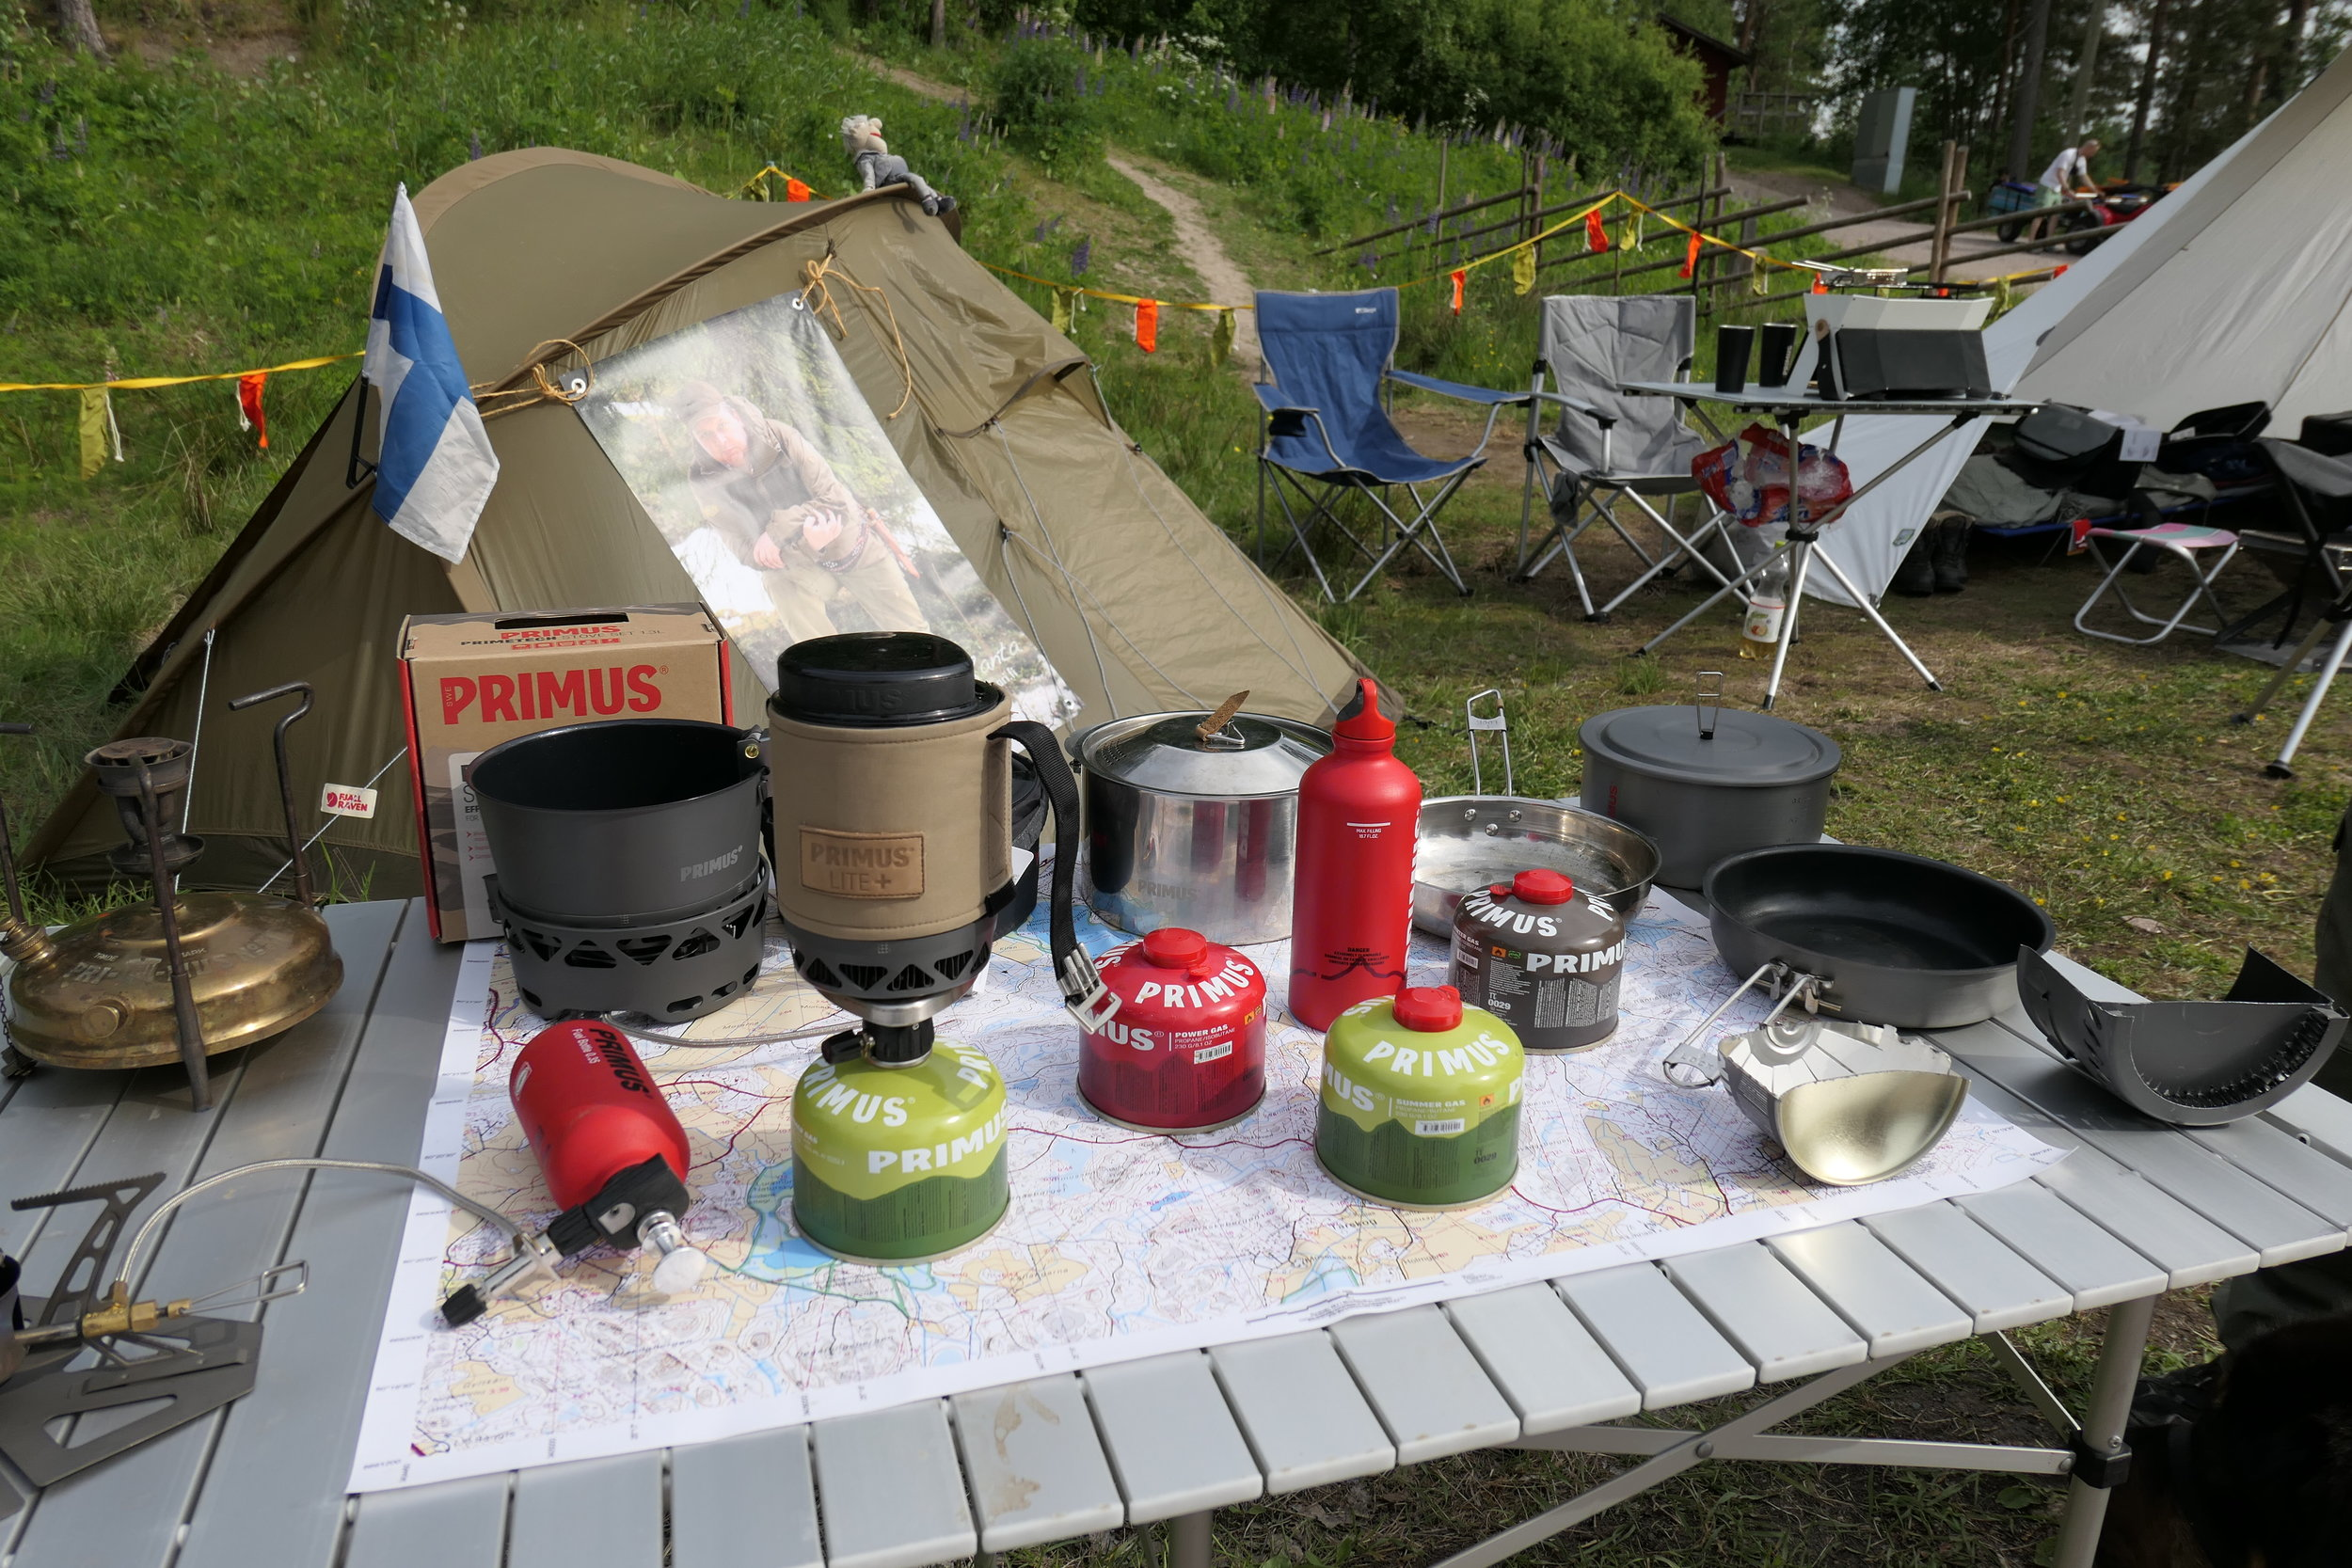 Retkinikkarin leirissä esitellään retkeilyvälineitä